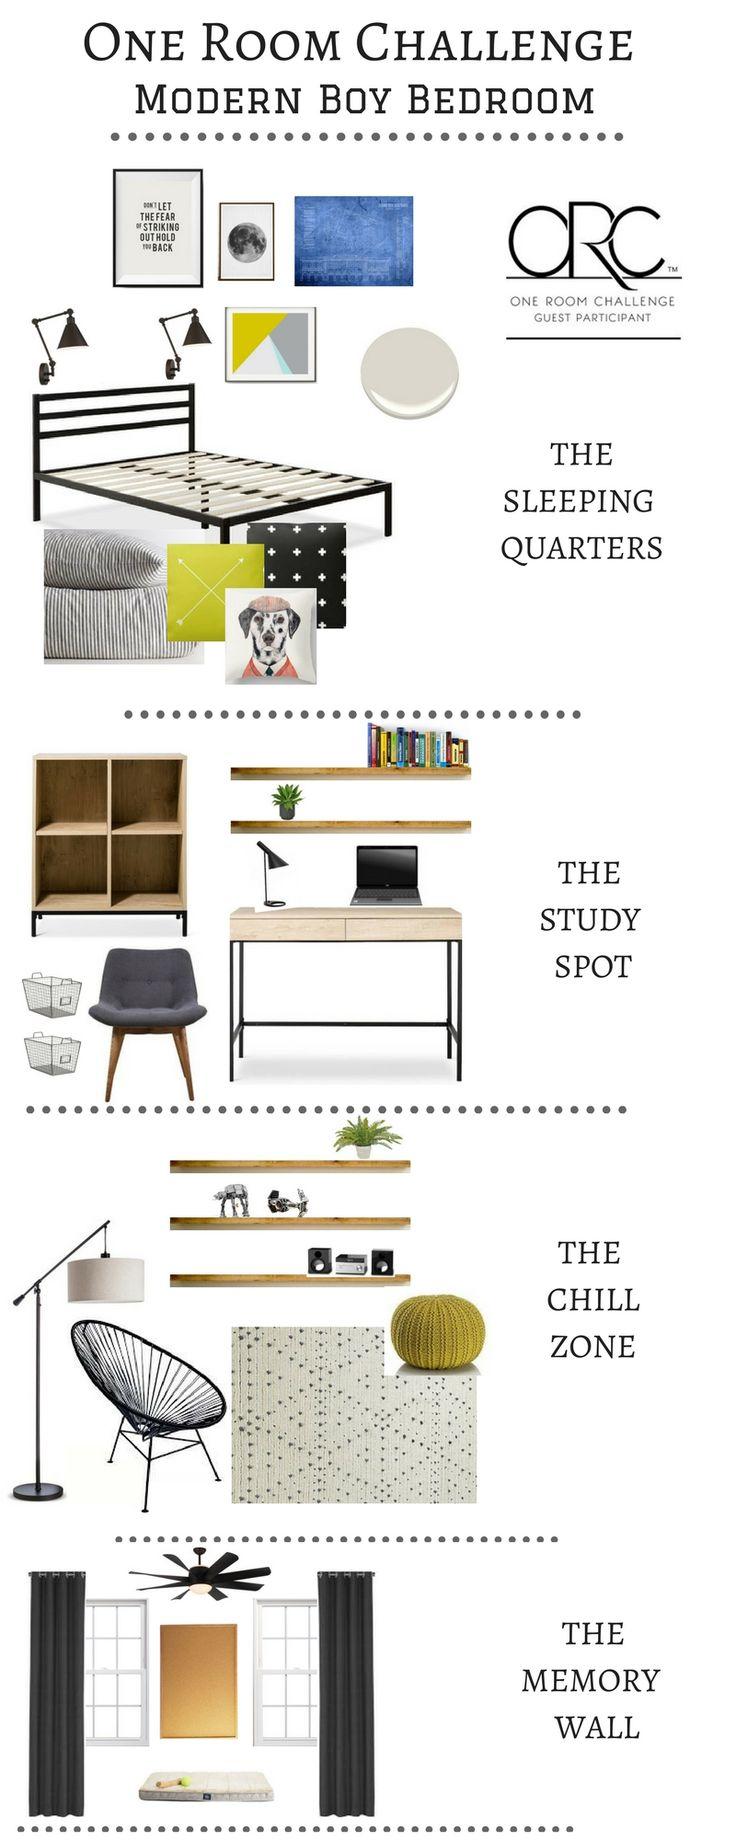 One Room Challenge Week 1: Modern Boy Bedroom Plans